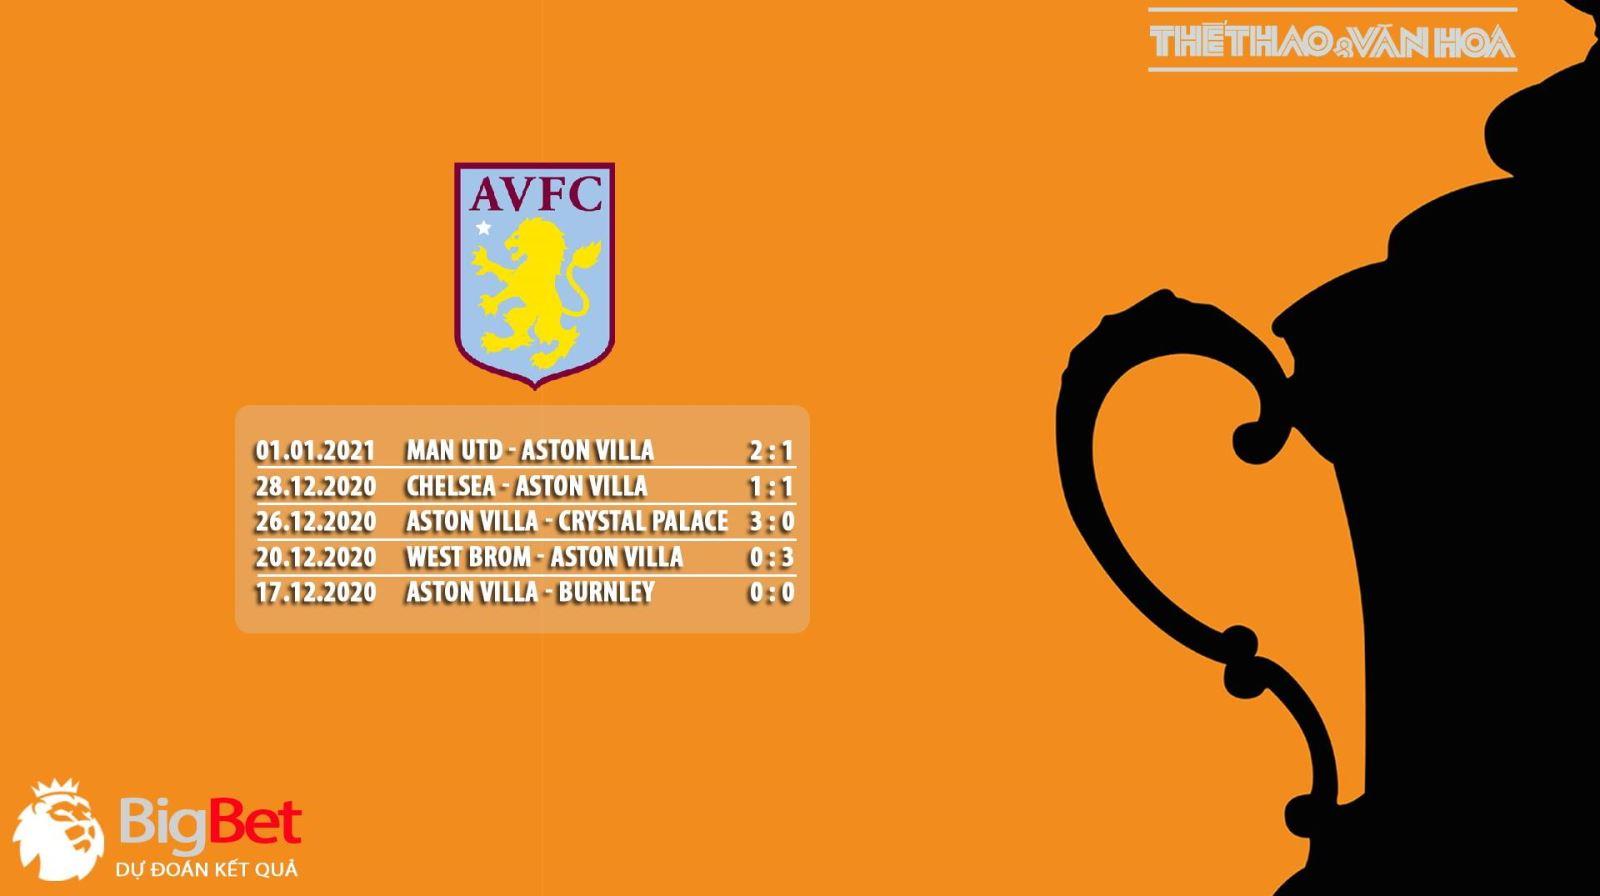 Kèo nhà cái. Soi kèo Aston Villa vs Liverpool. Vòng 3 Cúp FA. Trực tiếp FPT Play. Trực tiếp bóng đá. Trực tiếp Aston Villa vs Liverpool. Kèo bóng đáVilla vs Liverpool.